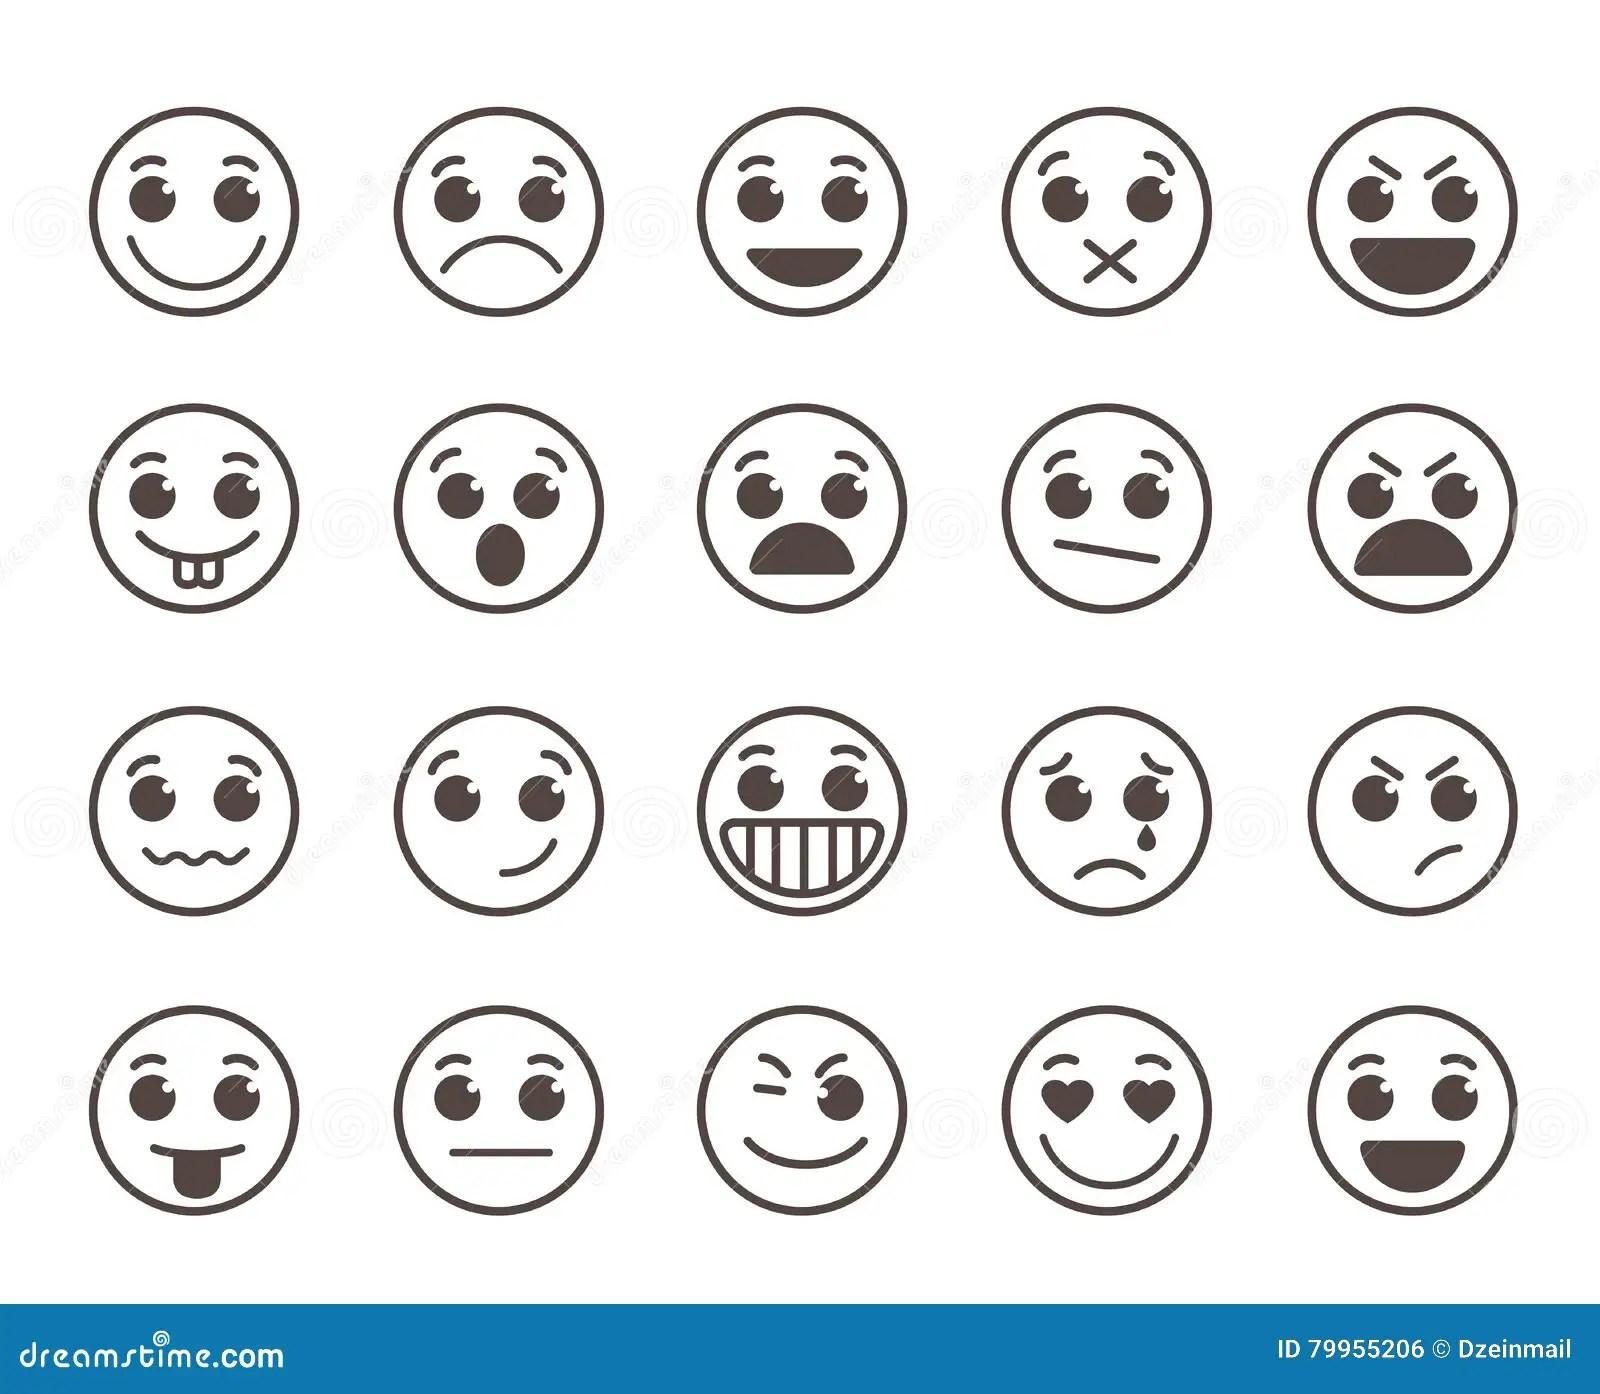 U Da Man Emoticon